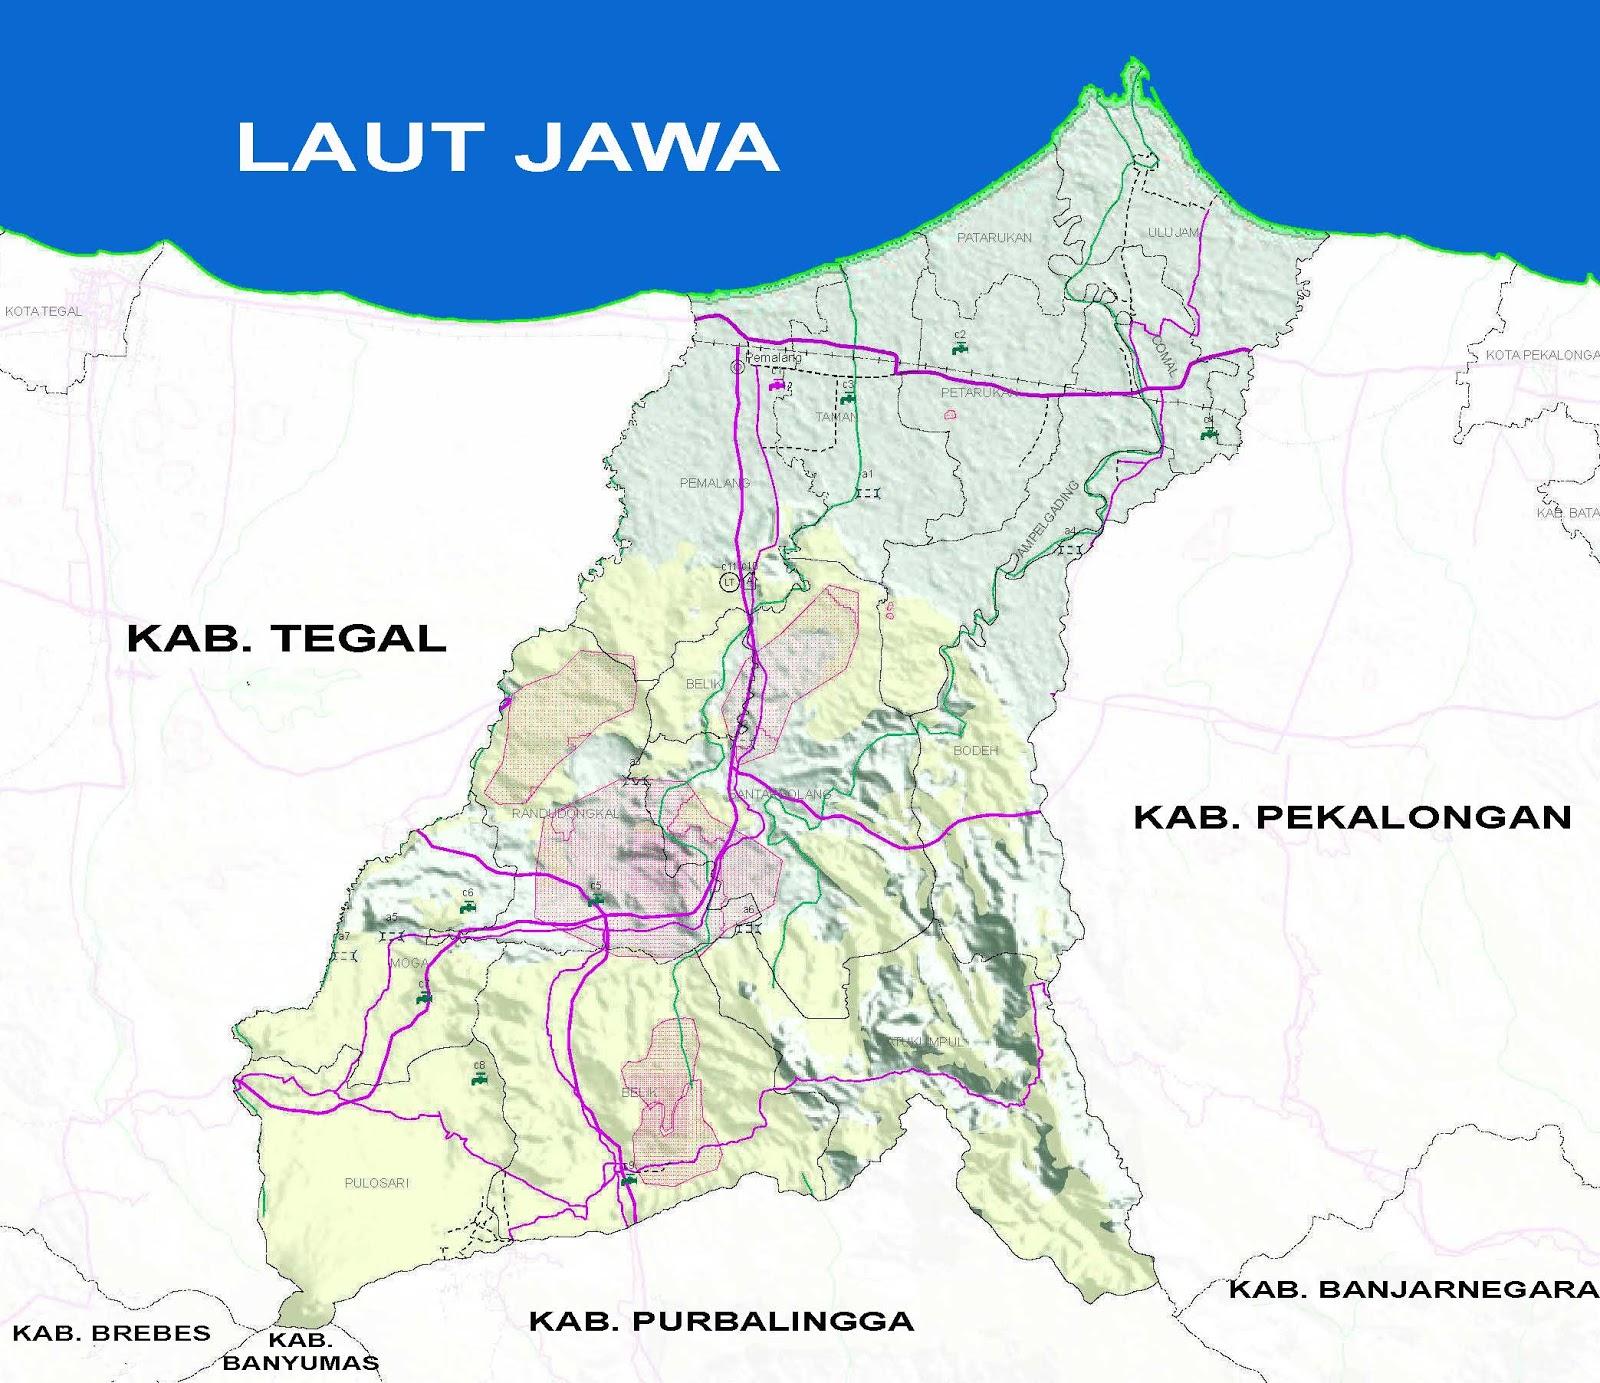 Peta Kabupaten Pemalang Lengkap 14 Kecamatan | Sejarah and ...